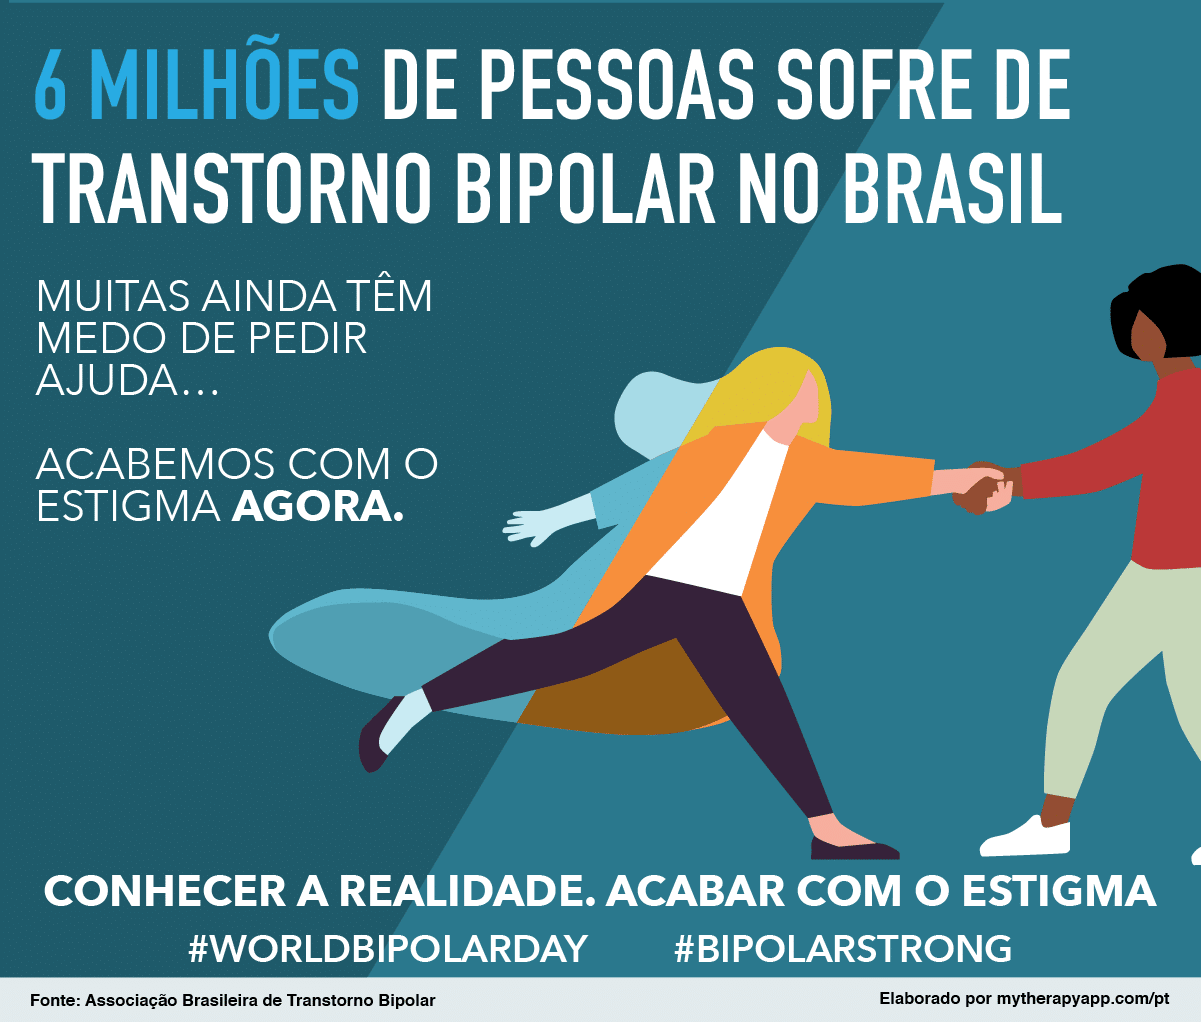 """Desenho de uma duas mulheres segurando as mãos, com os dizeres """"6 milhões de pessoas sofre de transtorno bipolar no Brasil. Muitas ainda têm medo de pedir ajuda. Acabemos com o estigma agora. Conheça a realidade. Acabar com o estigma"""""""